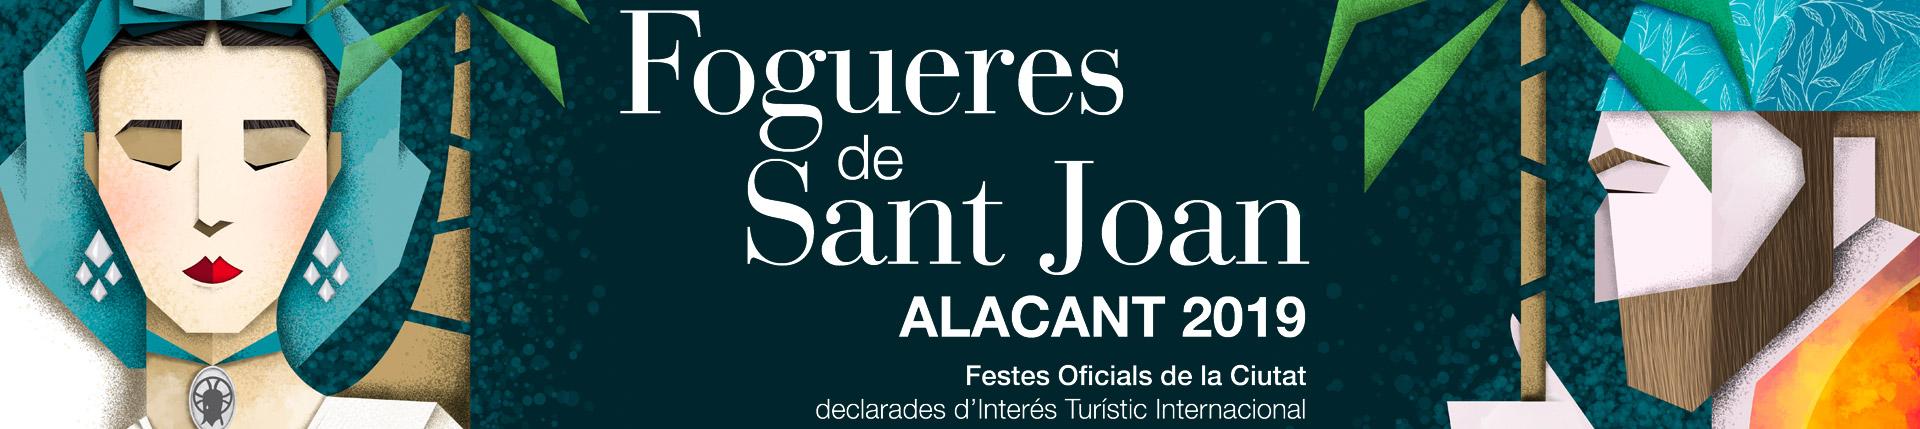 Fogueres de Sant Joan 2019